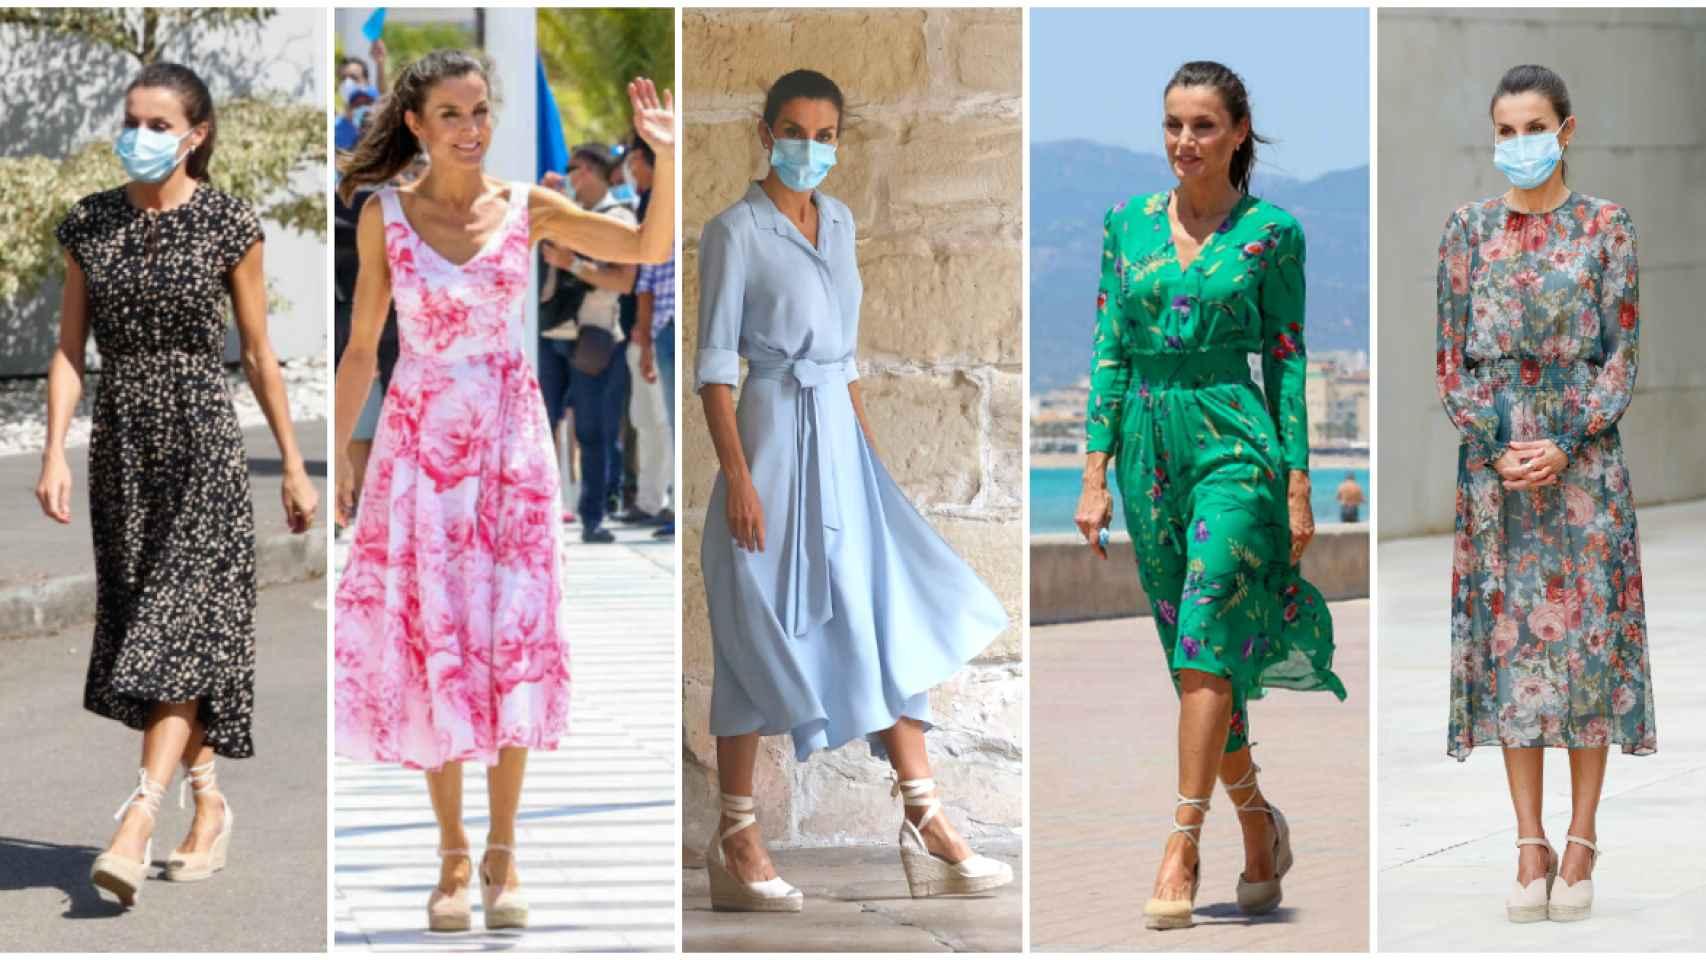 Analizamos la maleta de Letizia en su gira por España: moda 'low cost' y una nueva obsesión